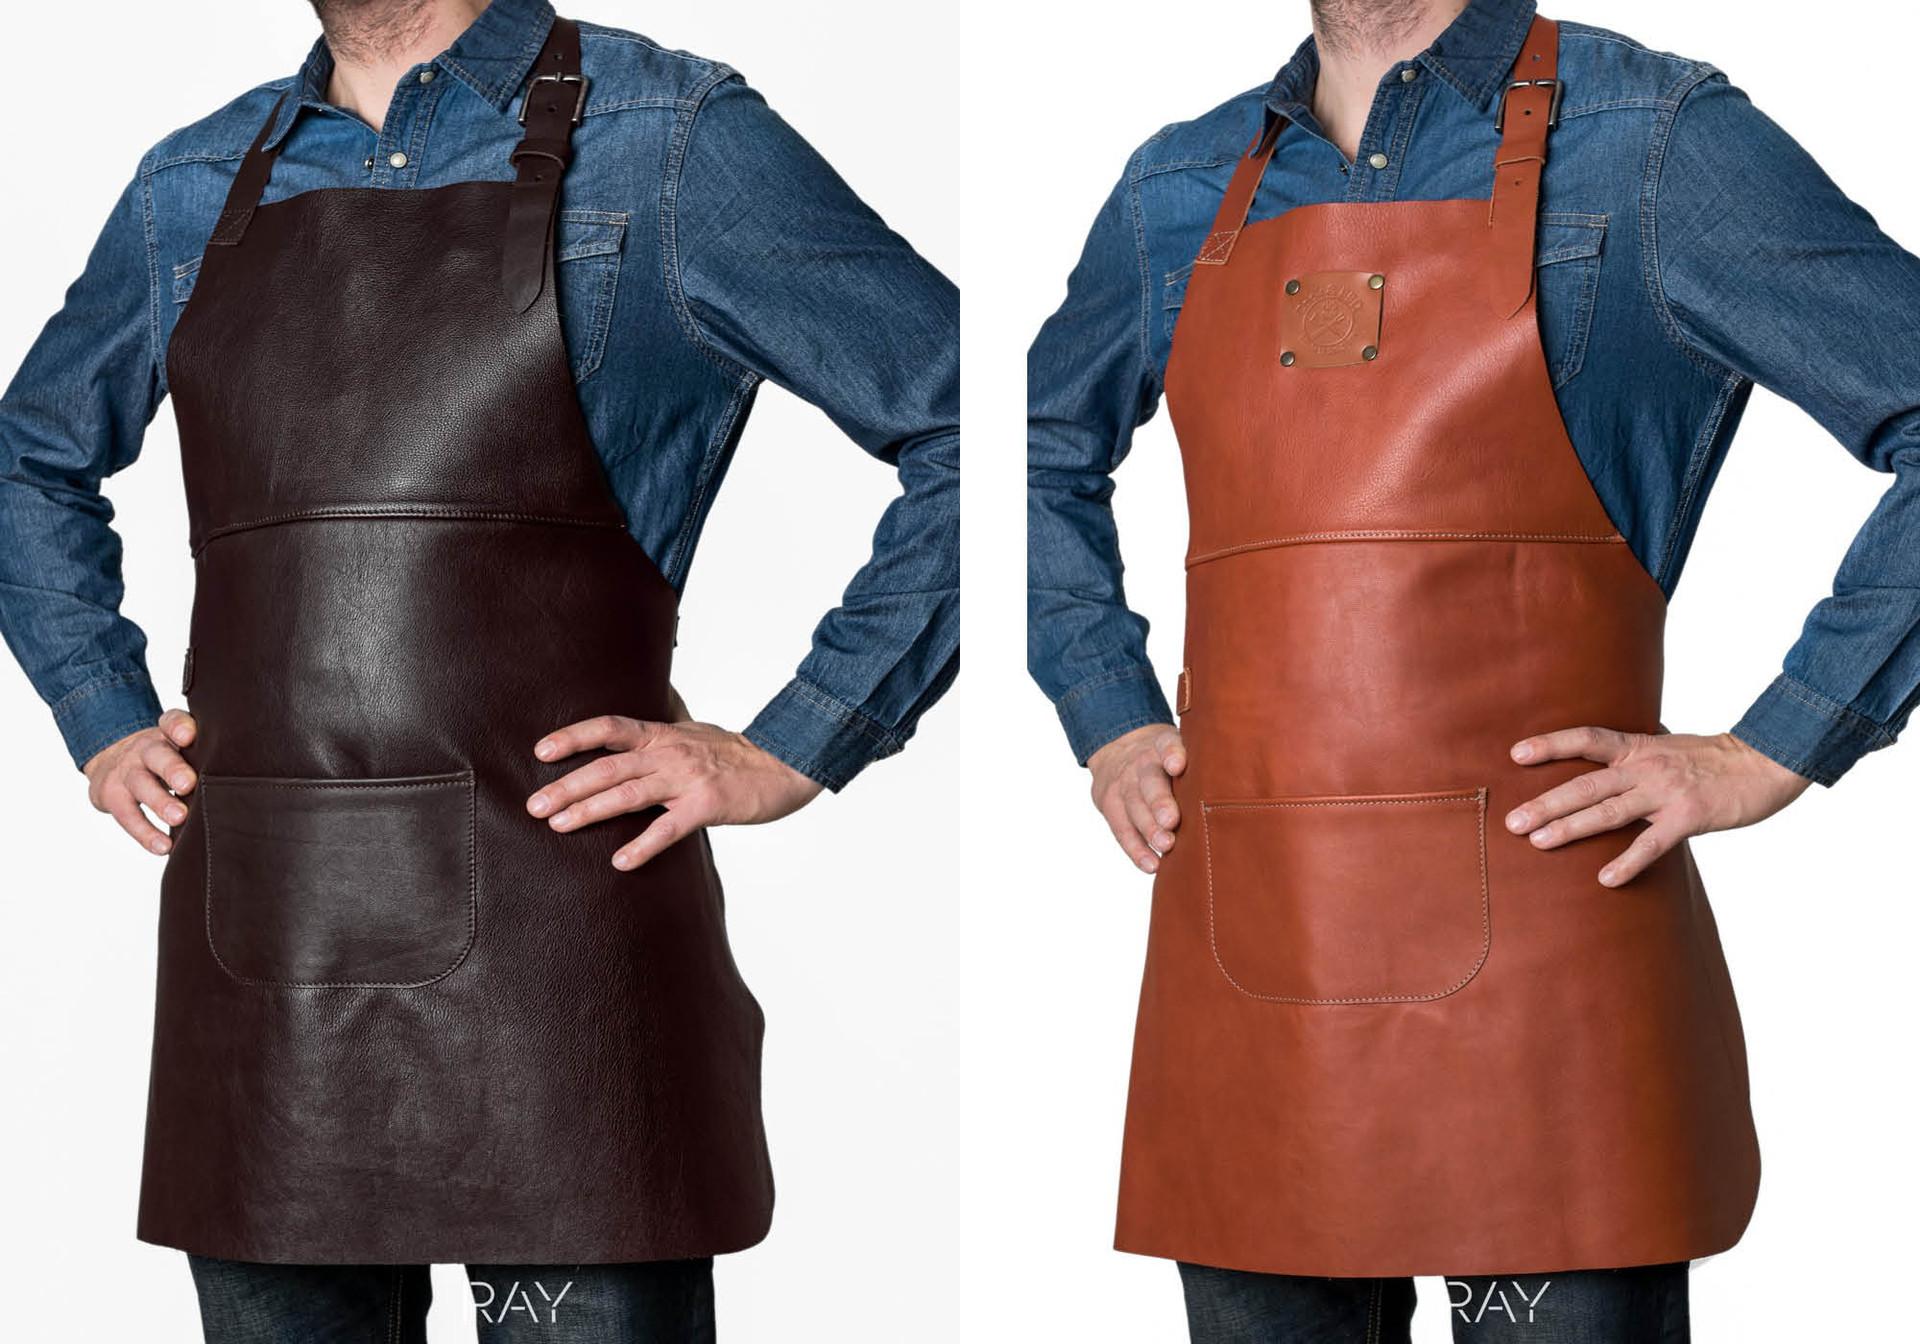 Verstee Leather  productshot in de studio op levend model.